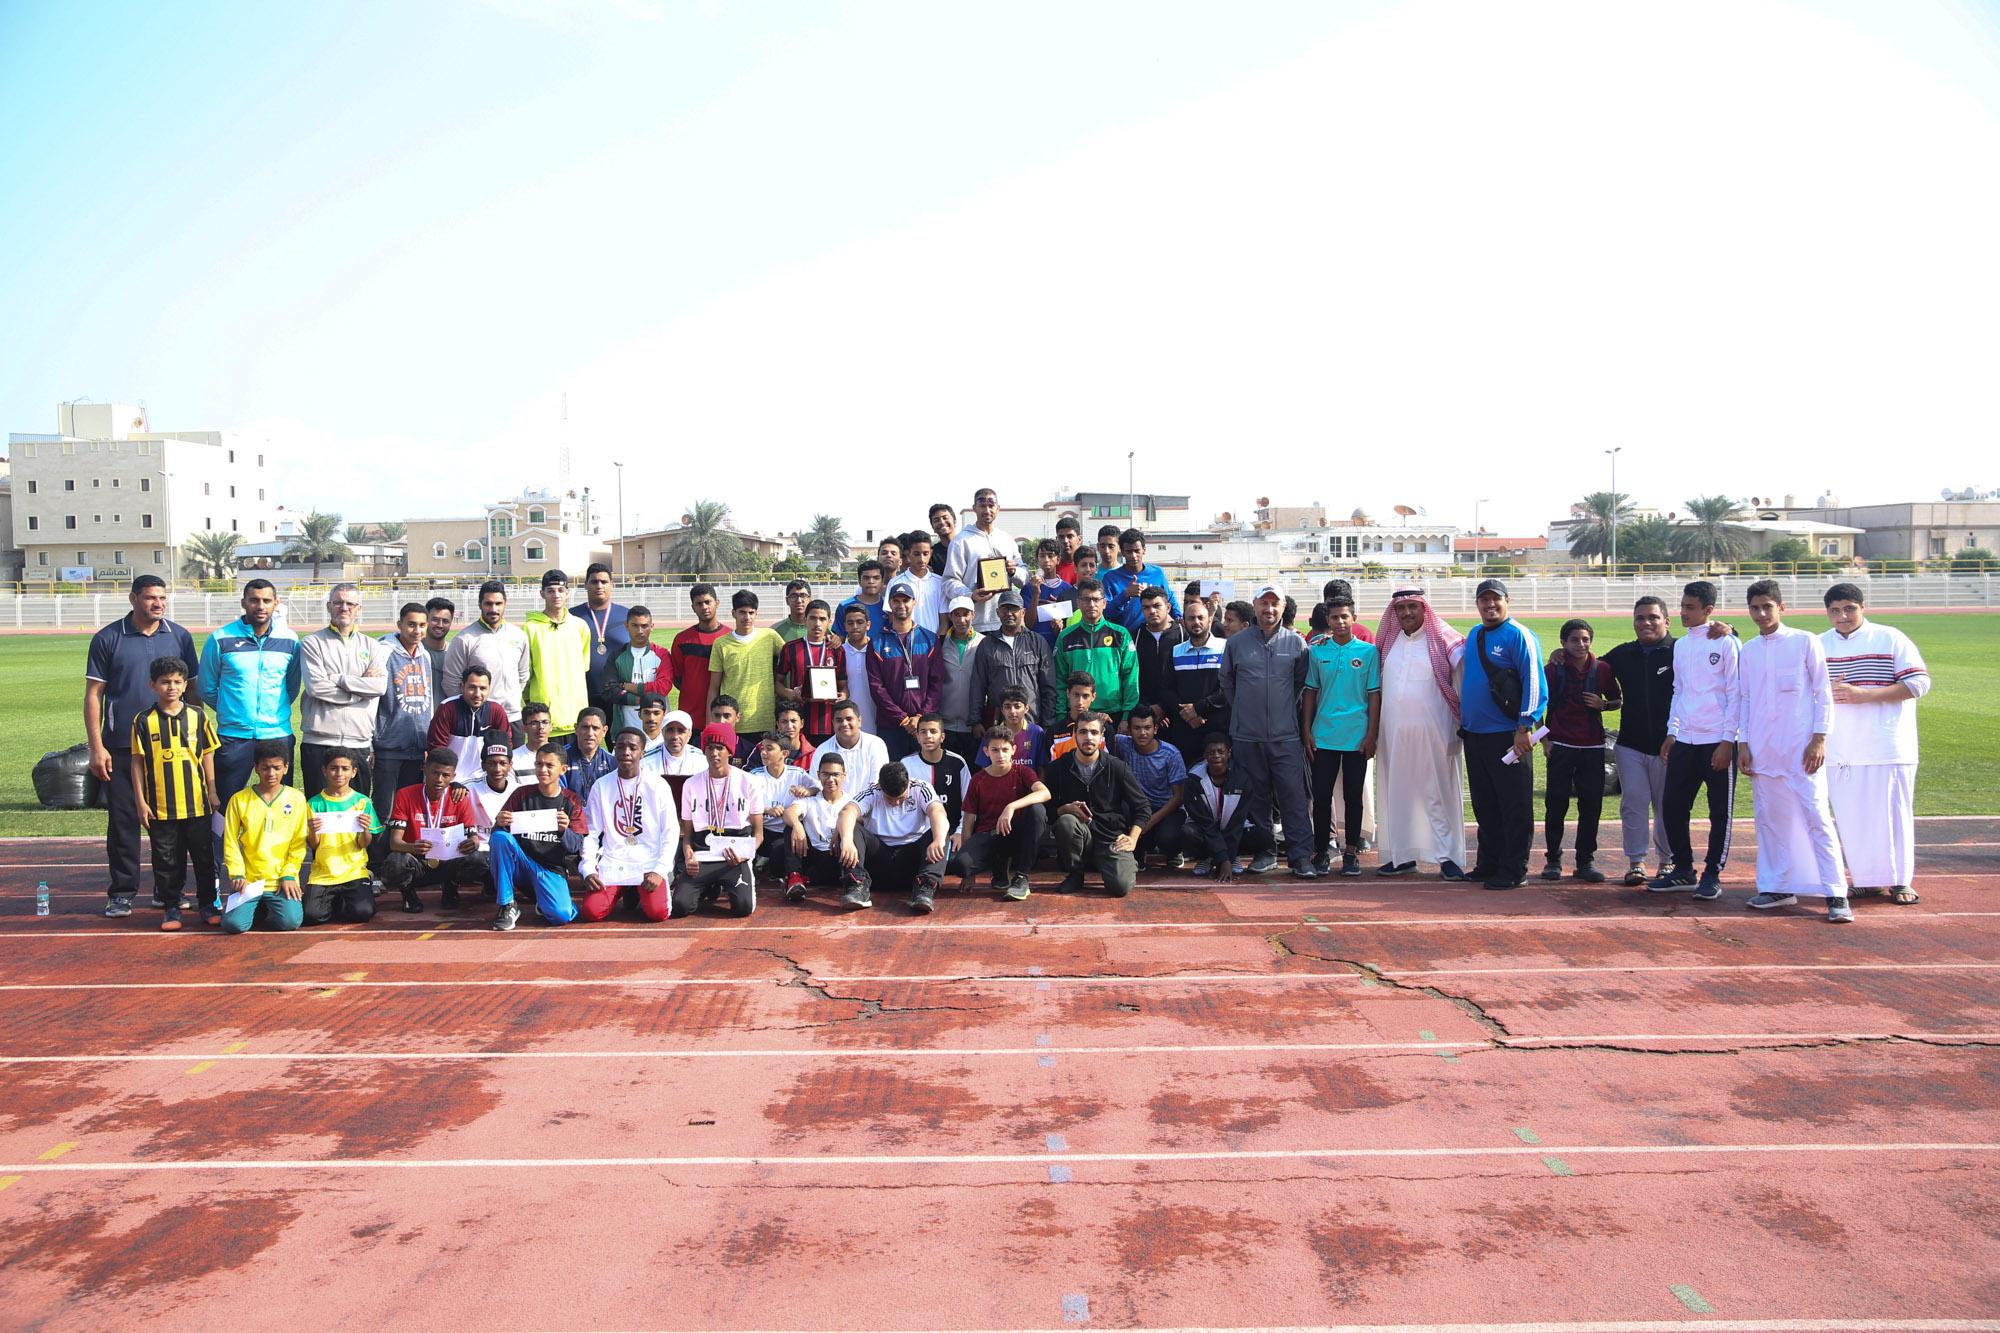 نادي الخليج يقيم لقاء تجمعي لألعاب القوى بالتعاون مع نشاط الطلاب بتعليم الشرقية